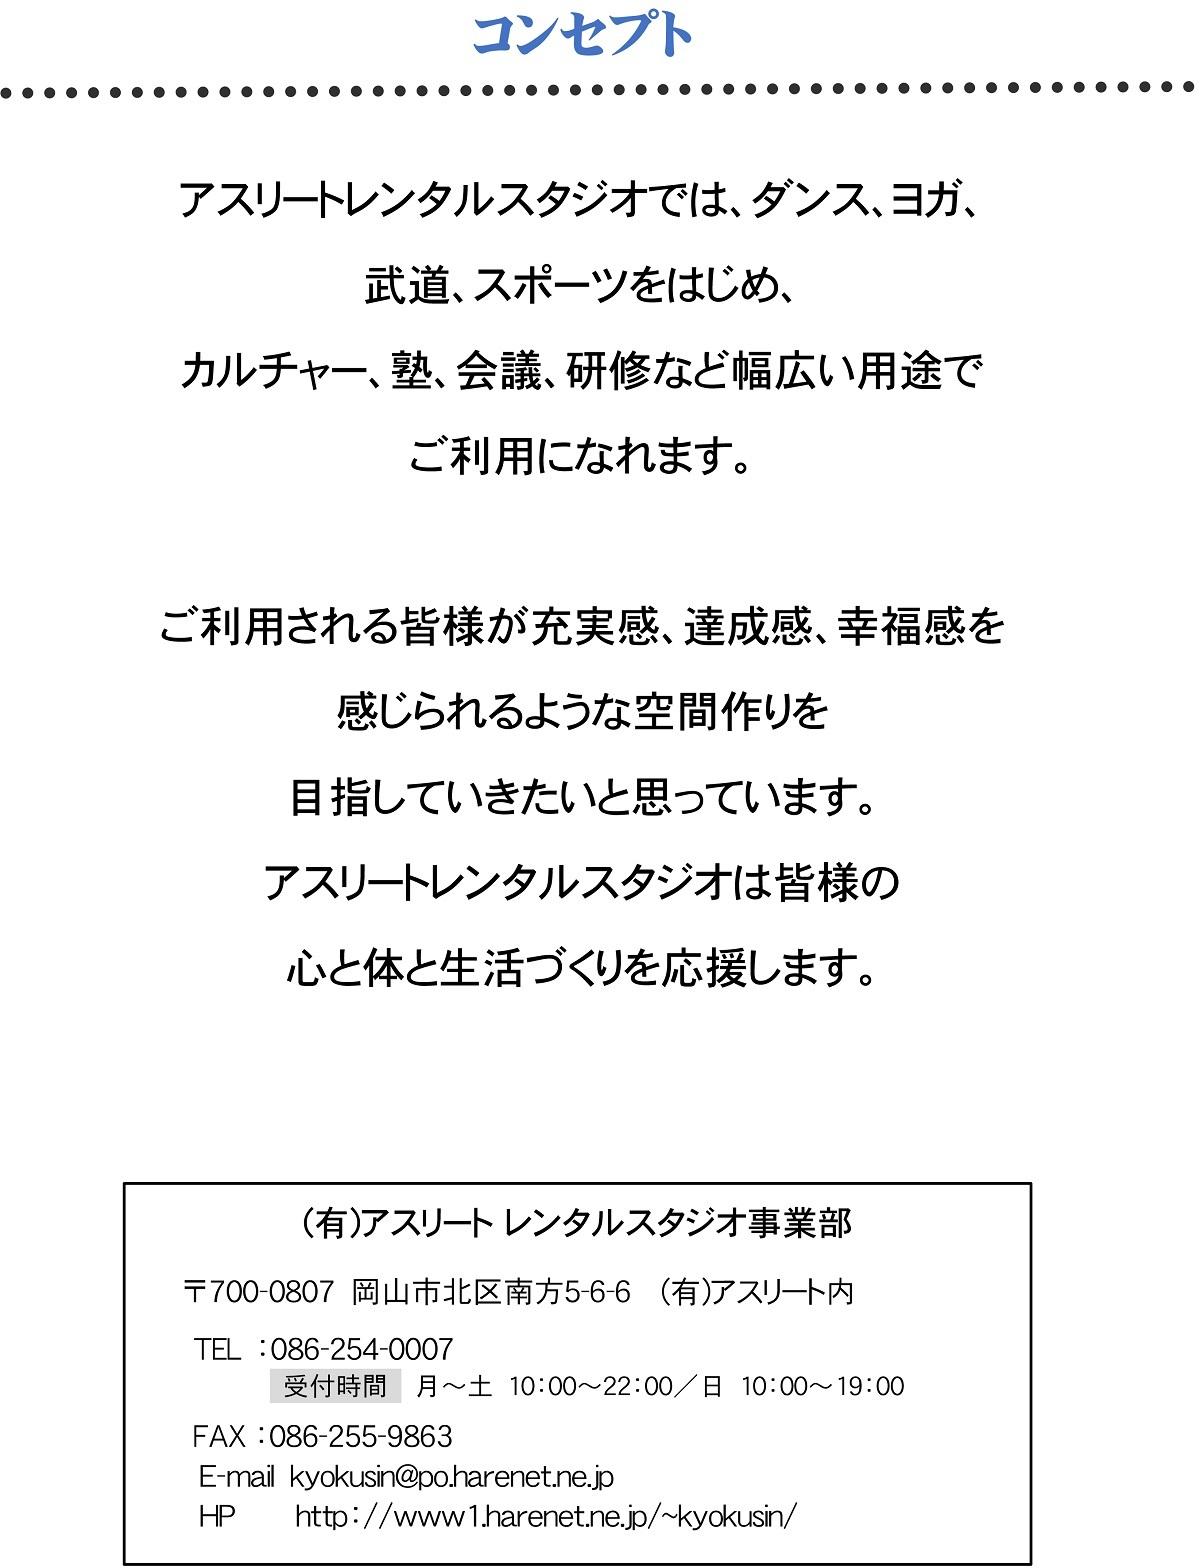 レンタルスタジオ利用冊子(コンセプト)